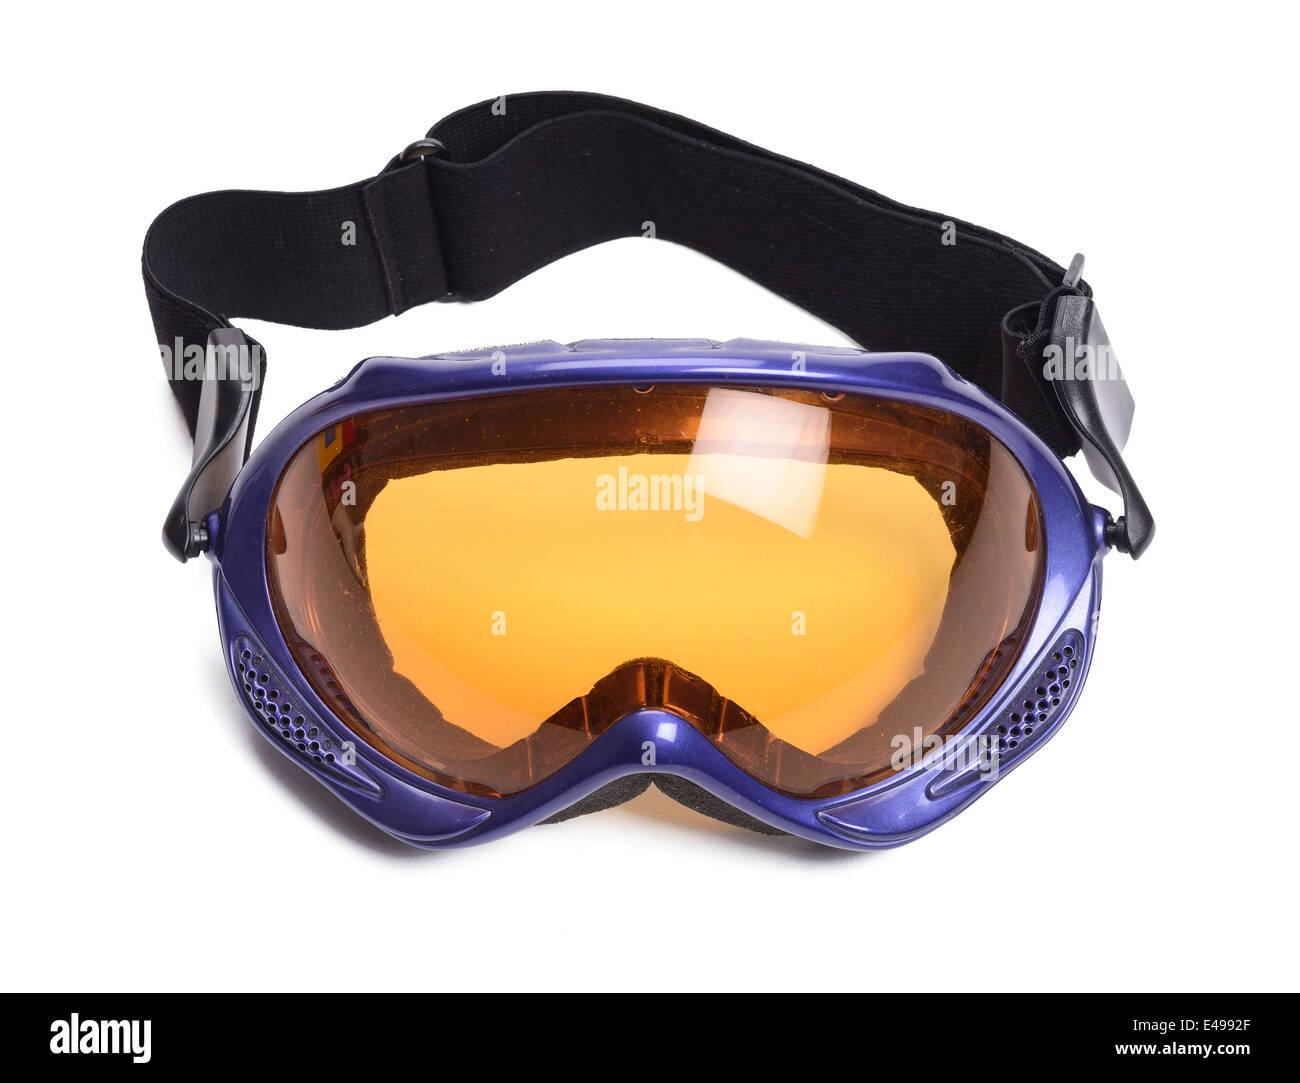 Maschere da sci con un arancio lente colorata Immagini Stock